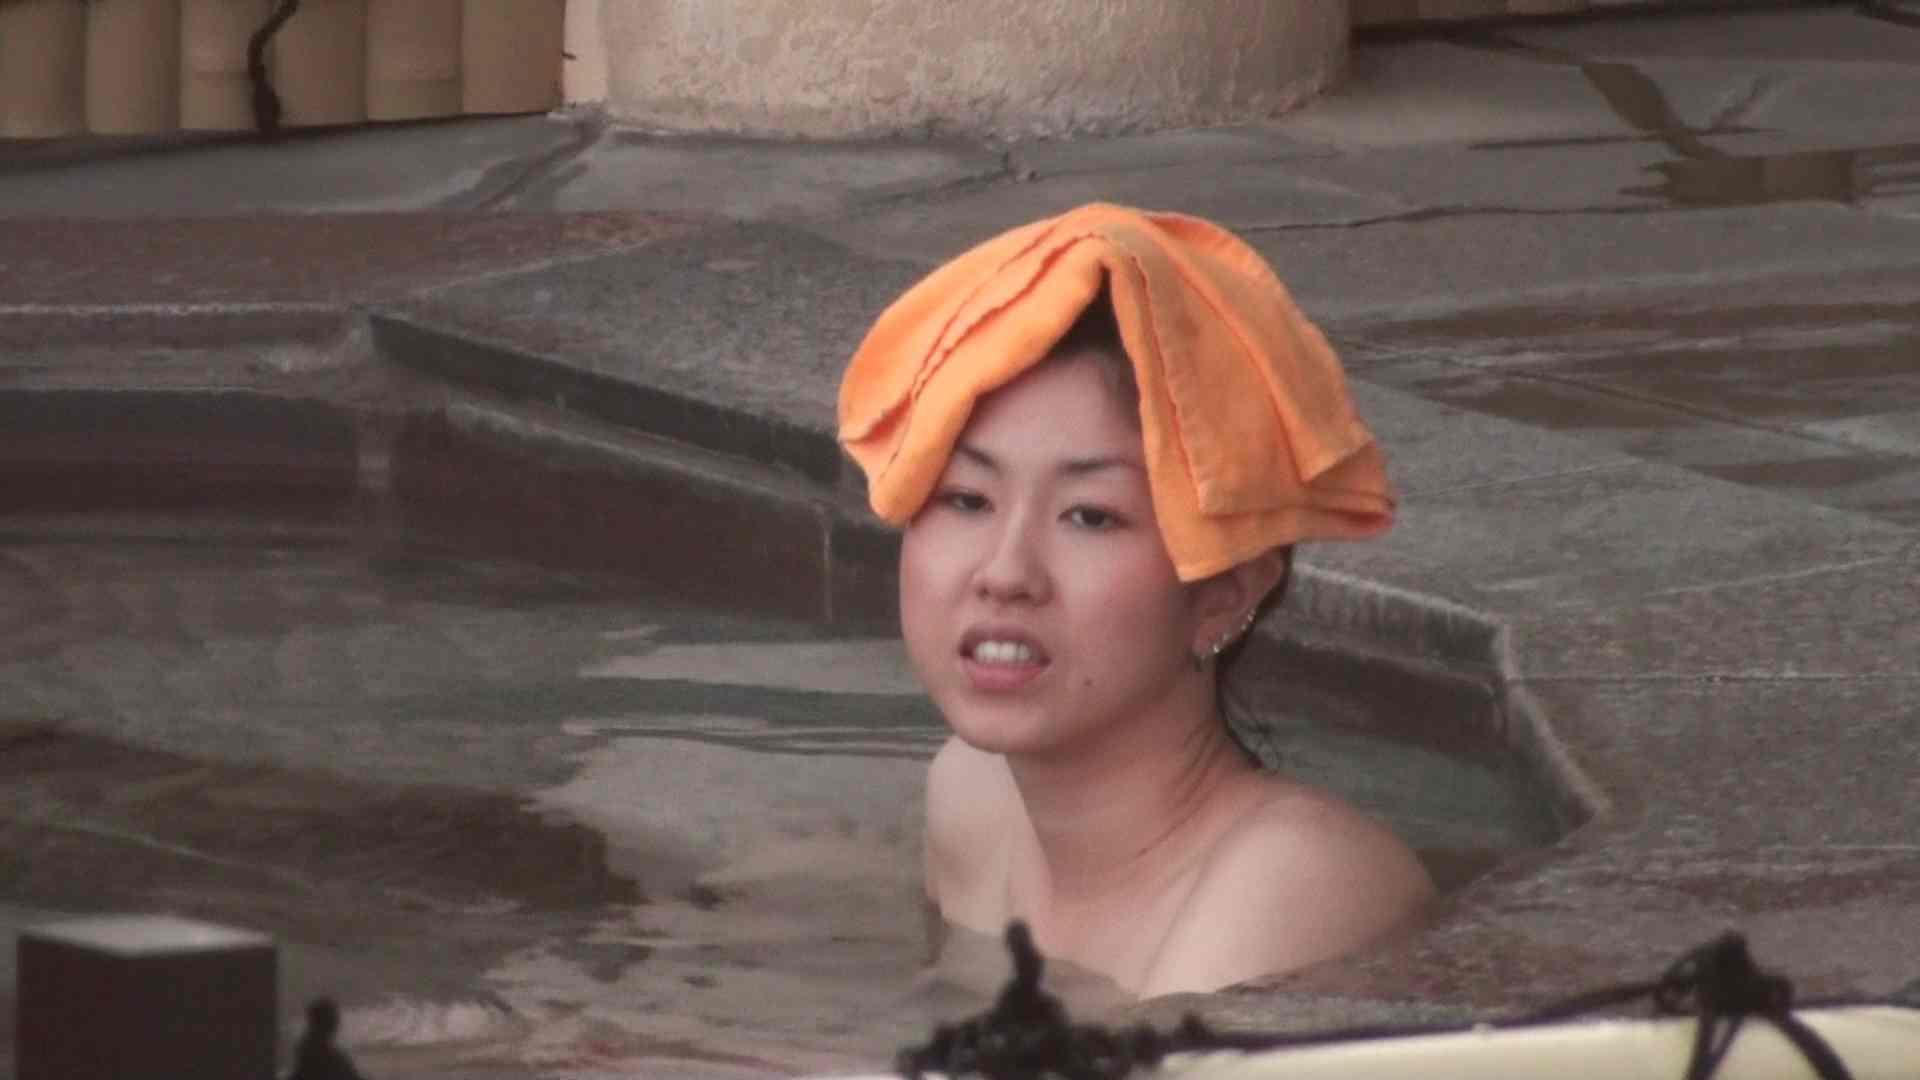 Aquaな露天風呂Vol.135 盗撮大放出 | 0  67連発 17